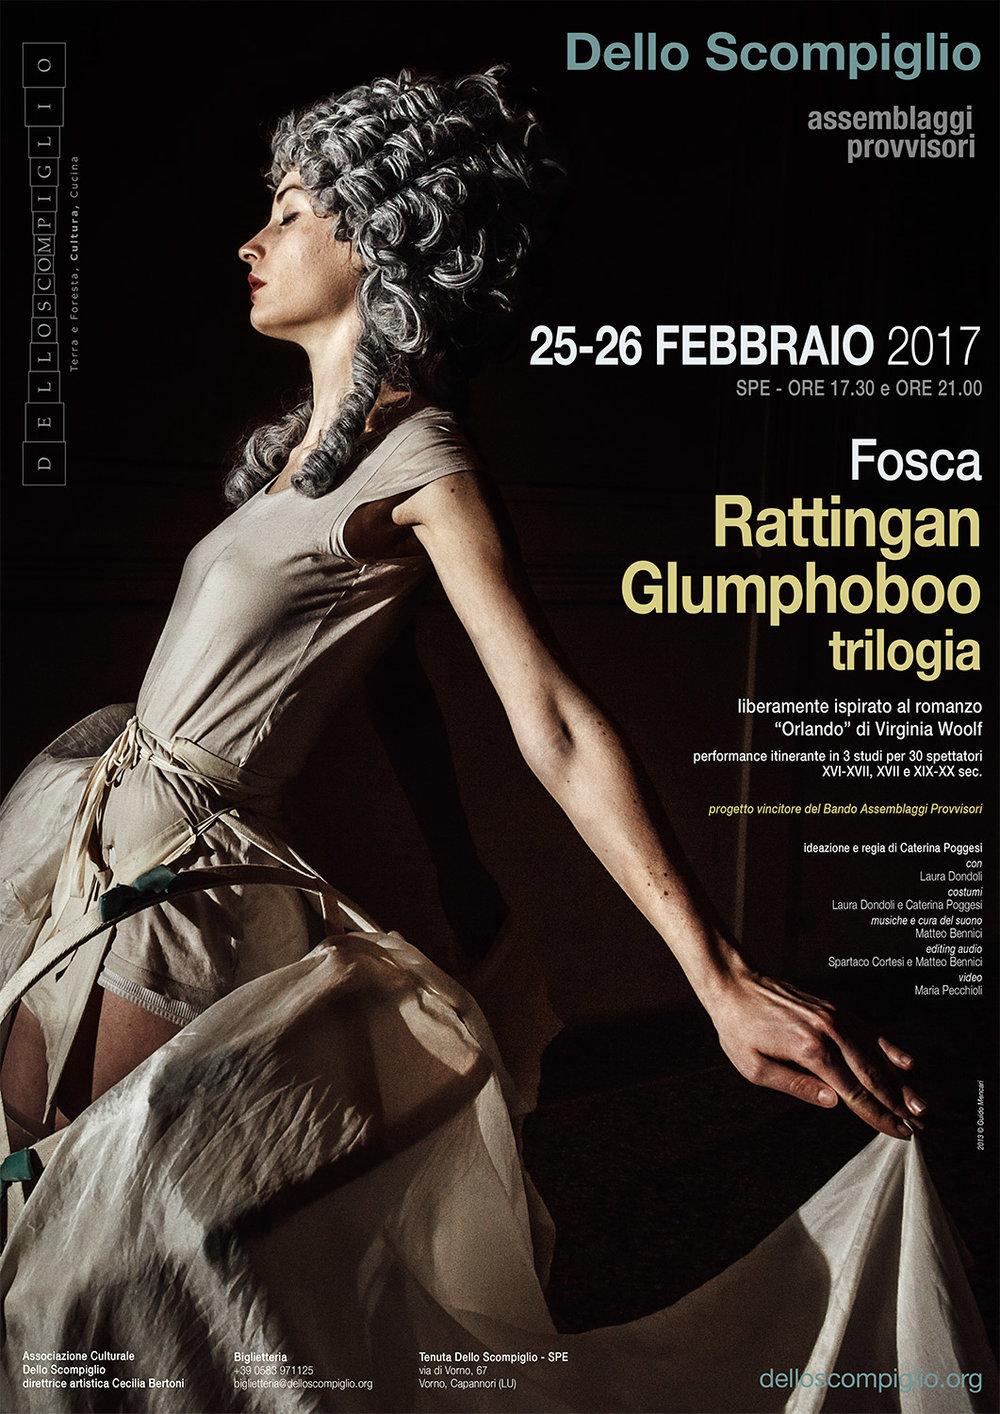 Fosca/Caterina Poggesi  Rattingan Glumphoboo    Poster   Associazione Culturale Dello Scompiglio, 2017